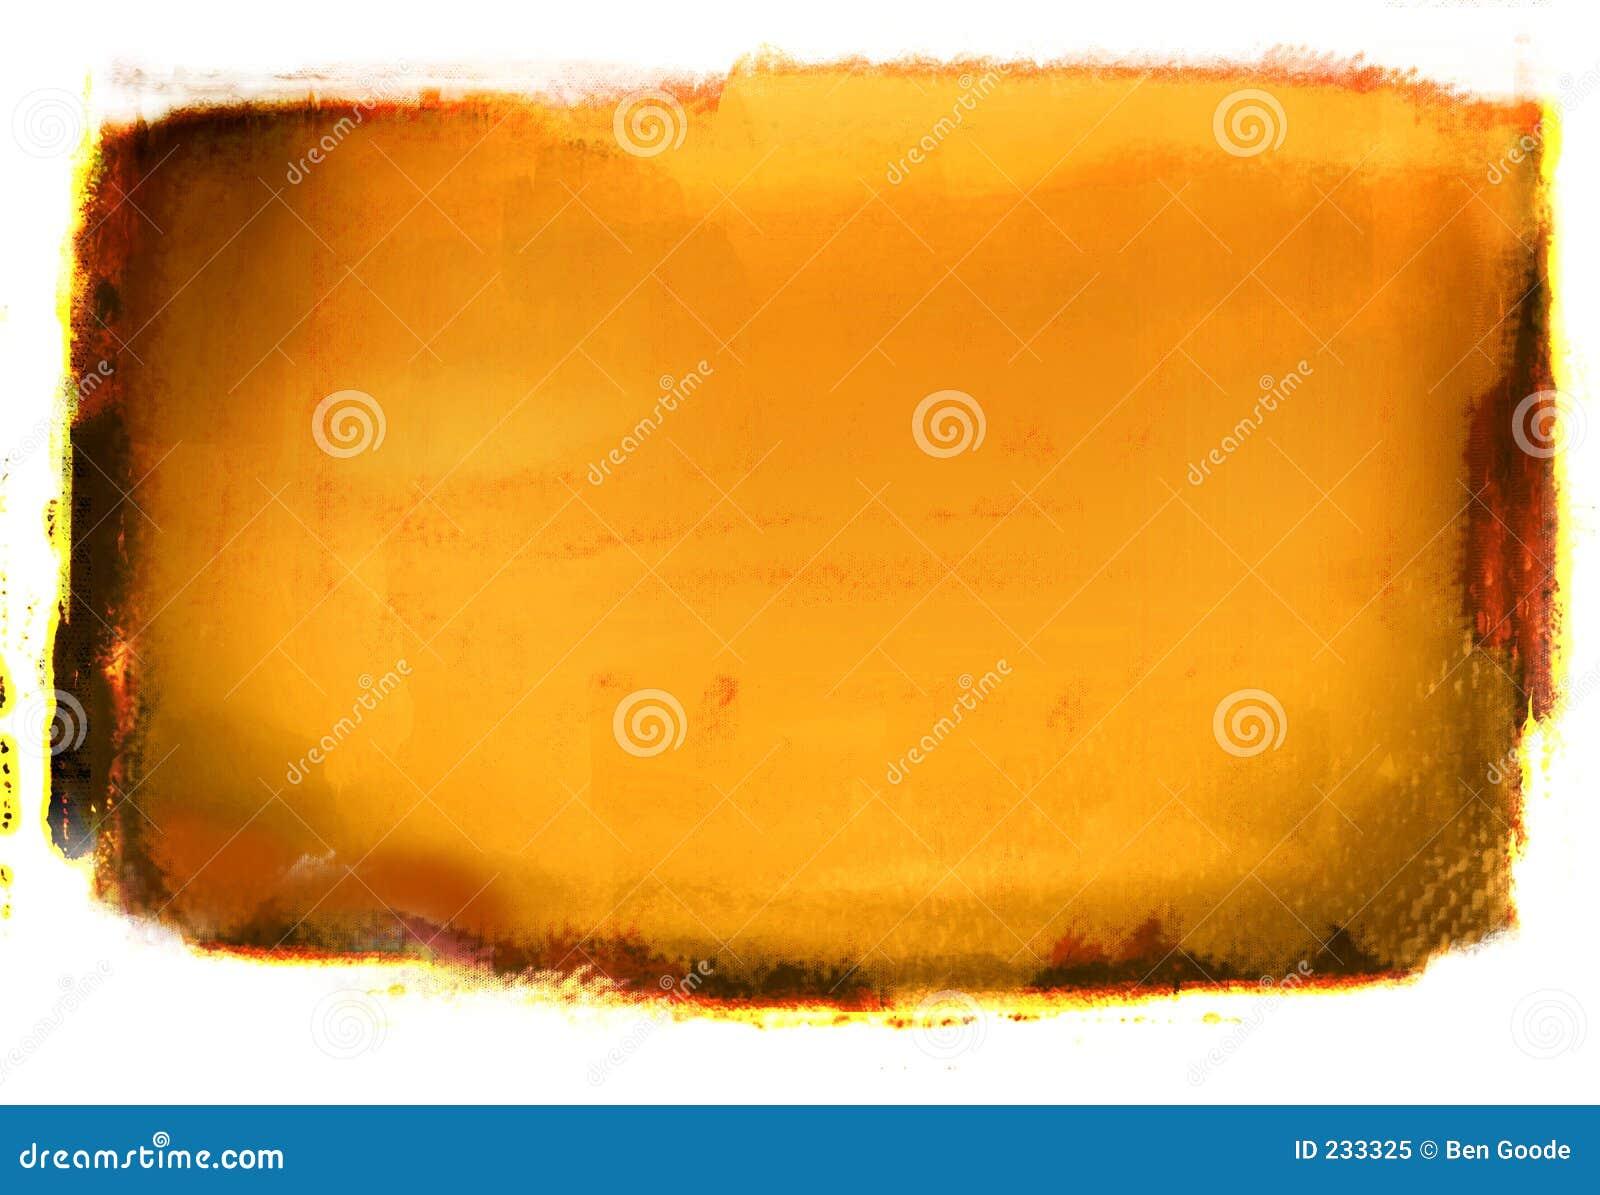 orange background free stock - photo #23